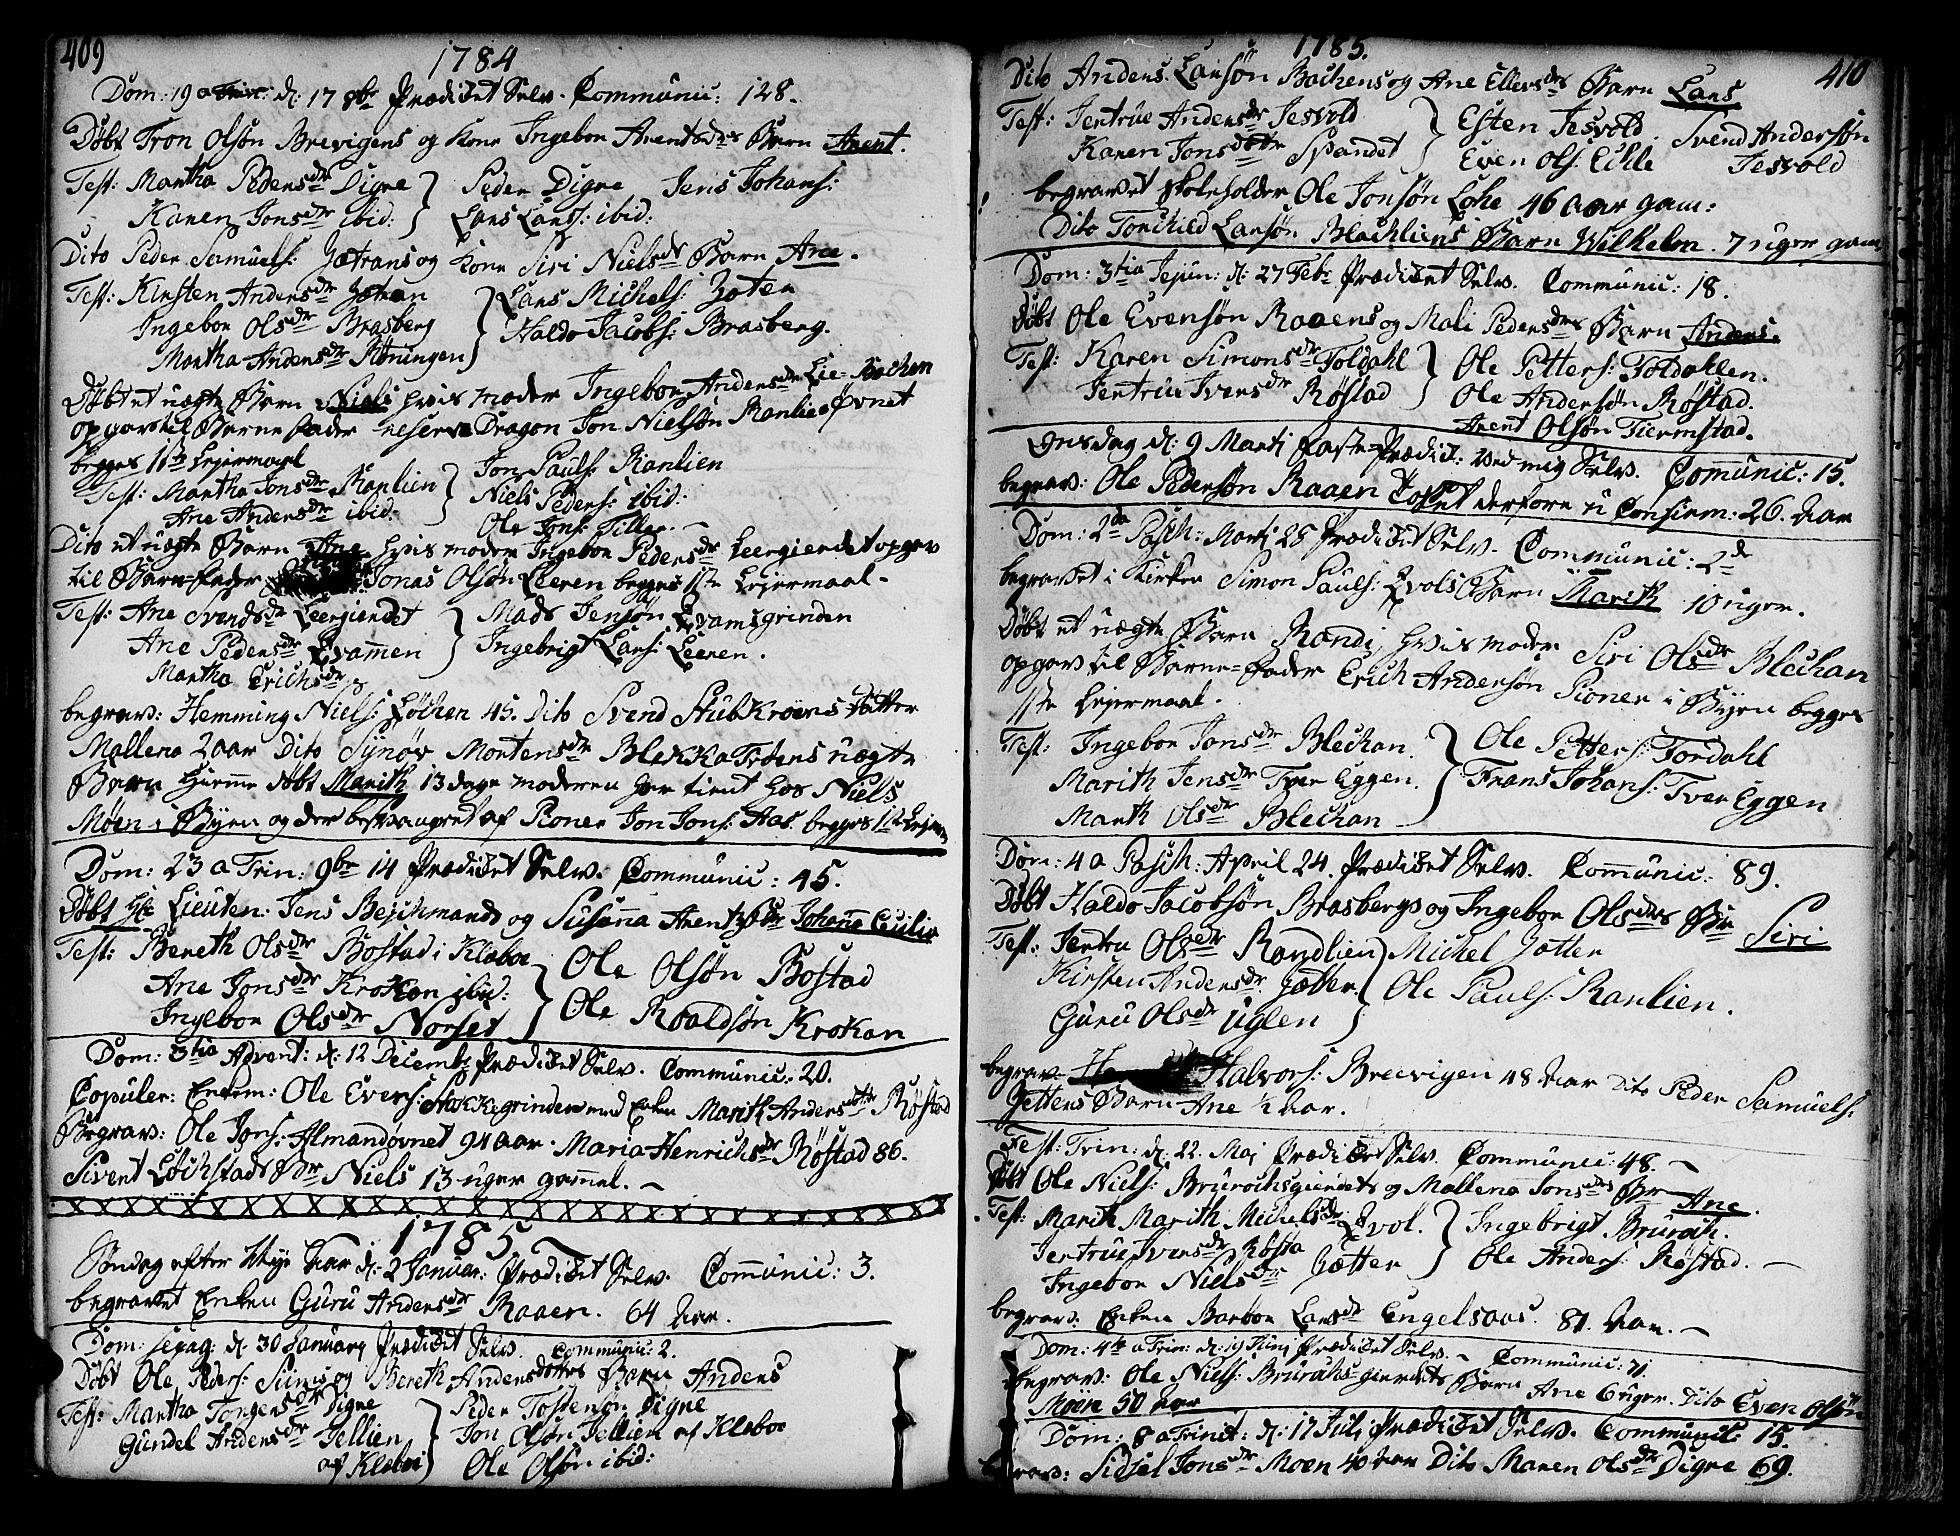 SAT, Ministerialprotokoller, klokkerbøker og fødselsregistre - Sør-Trøndelag, 606/L0282: Ministerialbok nr. 606A02 /3, 1781-1817, s. 409-410